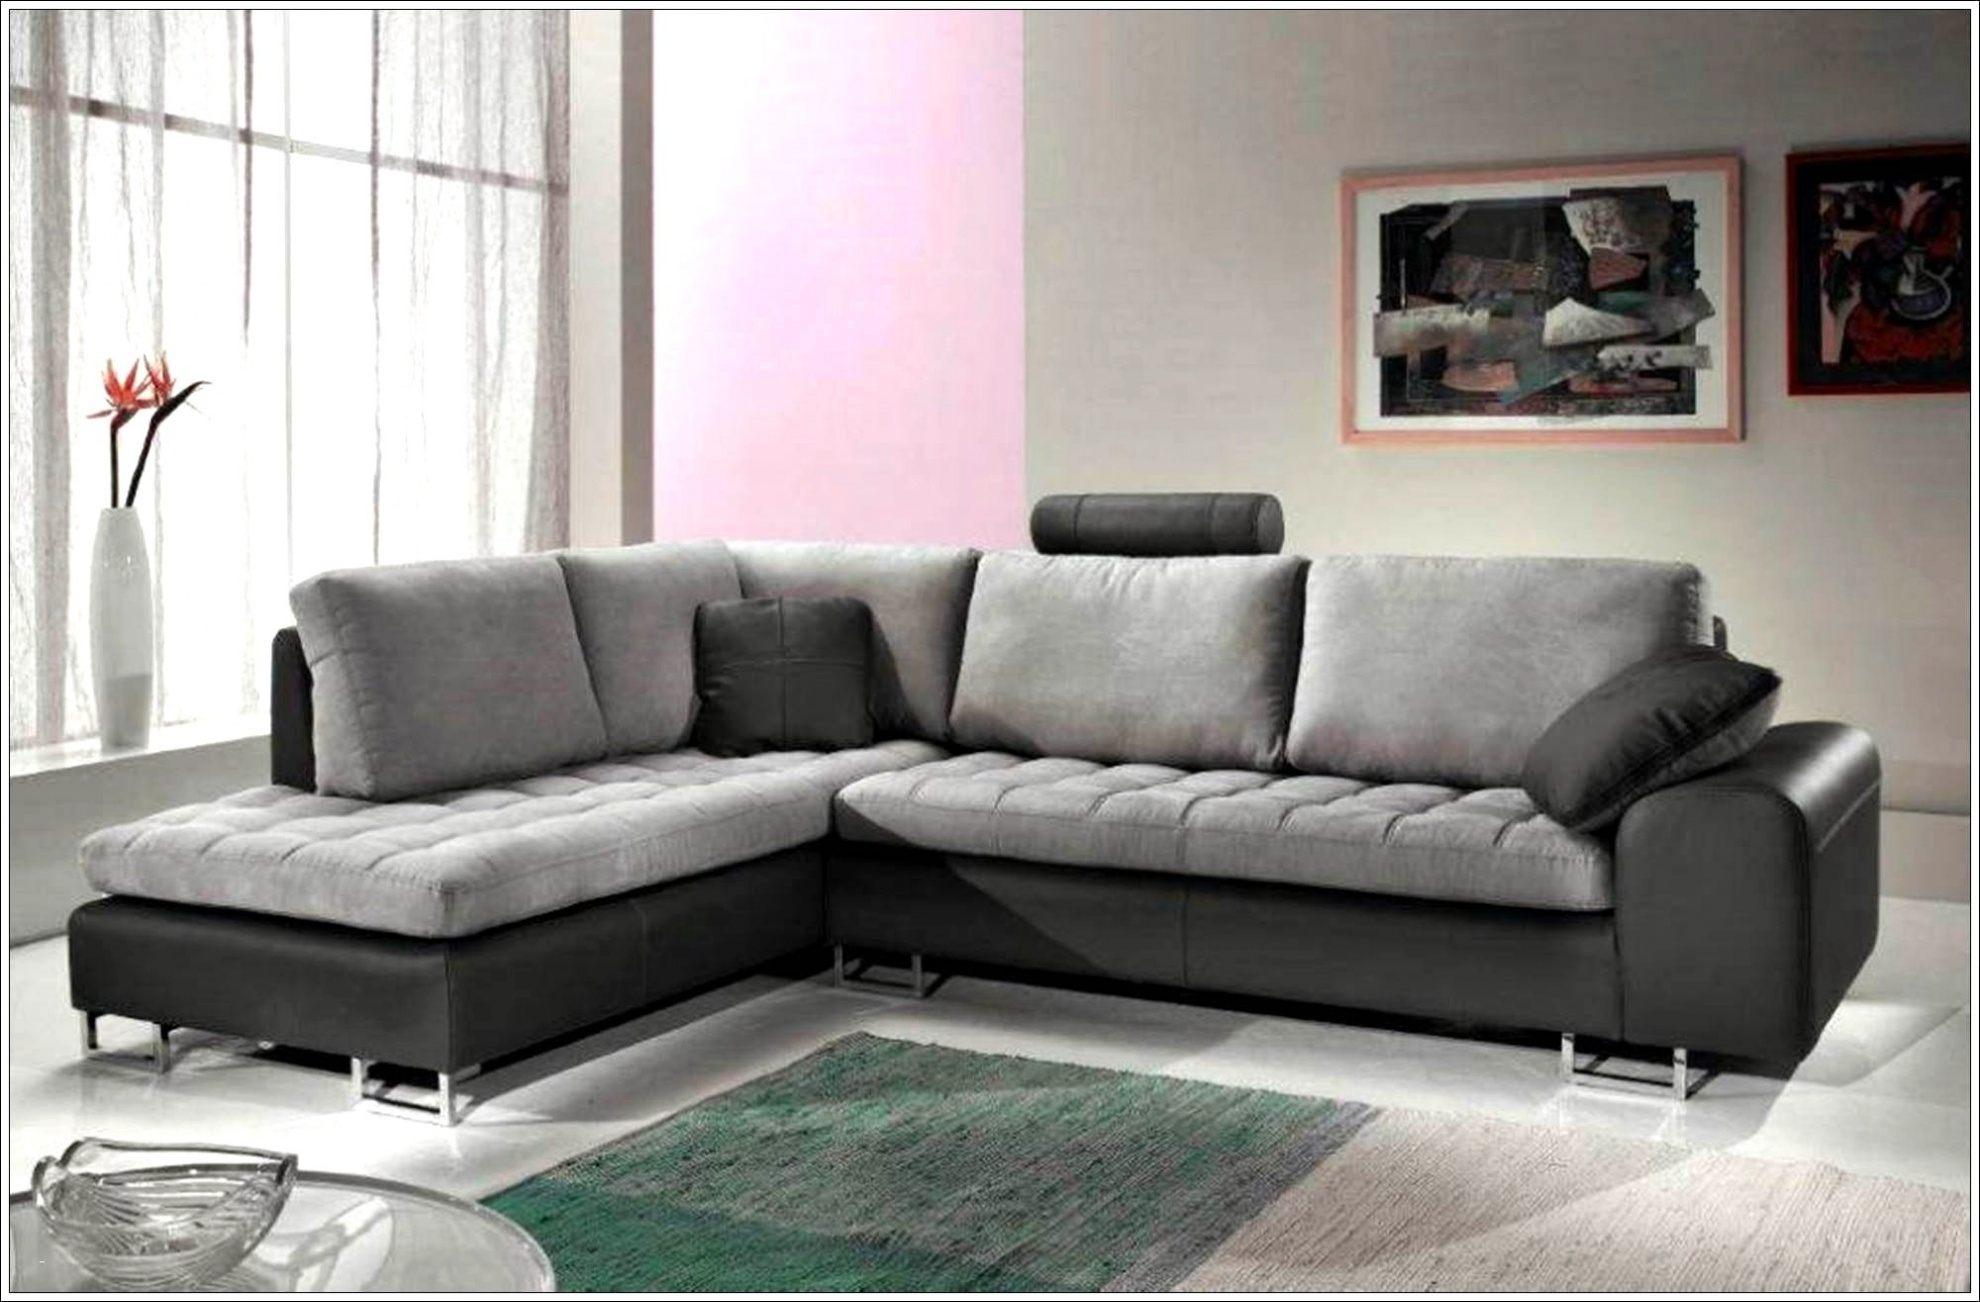 Canapé Lit Pour Dormir tous Les Jours Le Luxe élégant Canape Meri Nne Conforama Et Conforama Canapé Lit 2 Places